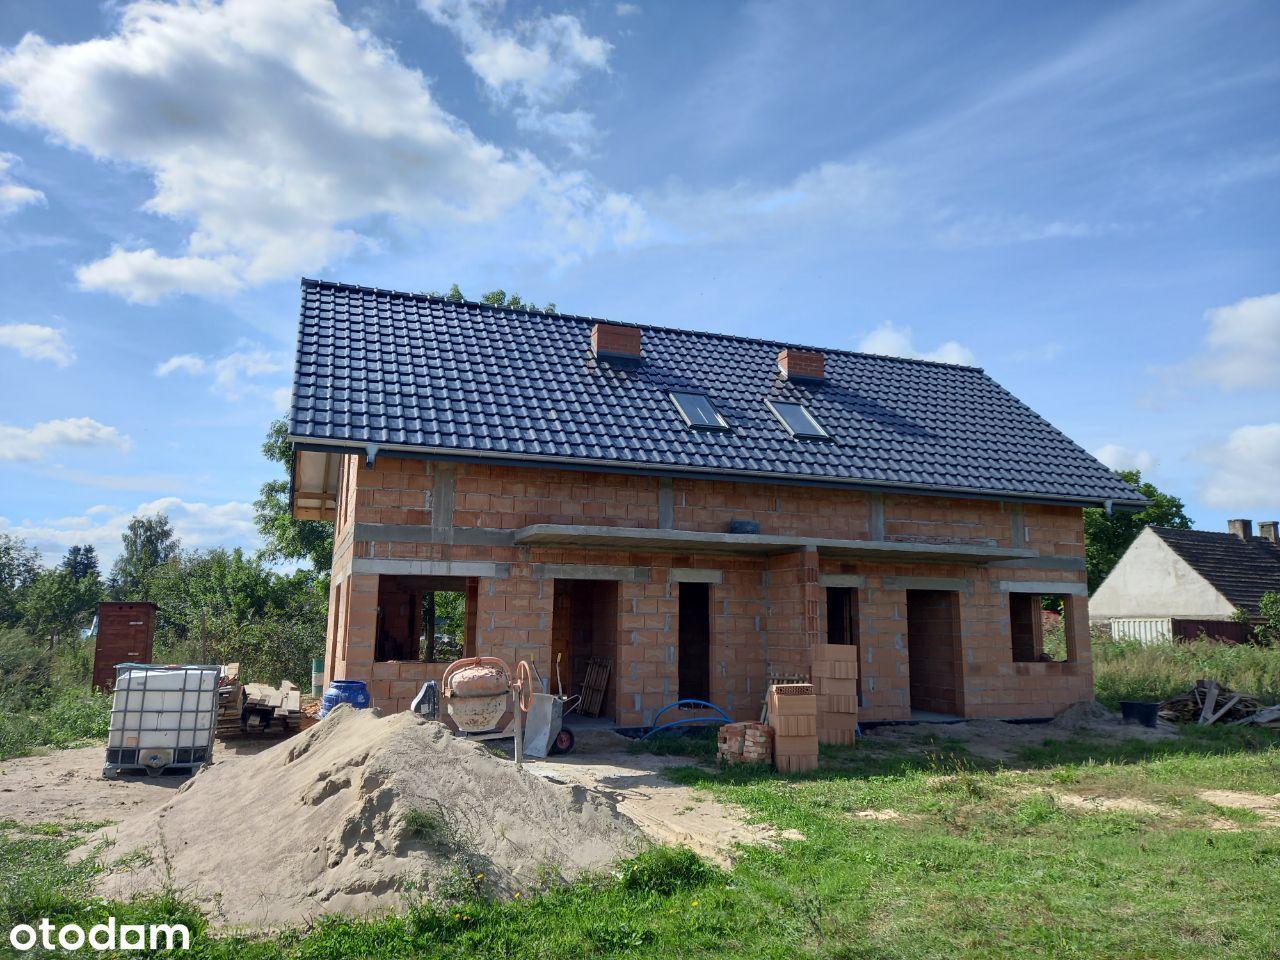 Dom jednorodzinny dwulokalowy - cena za połówkę!